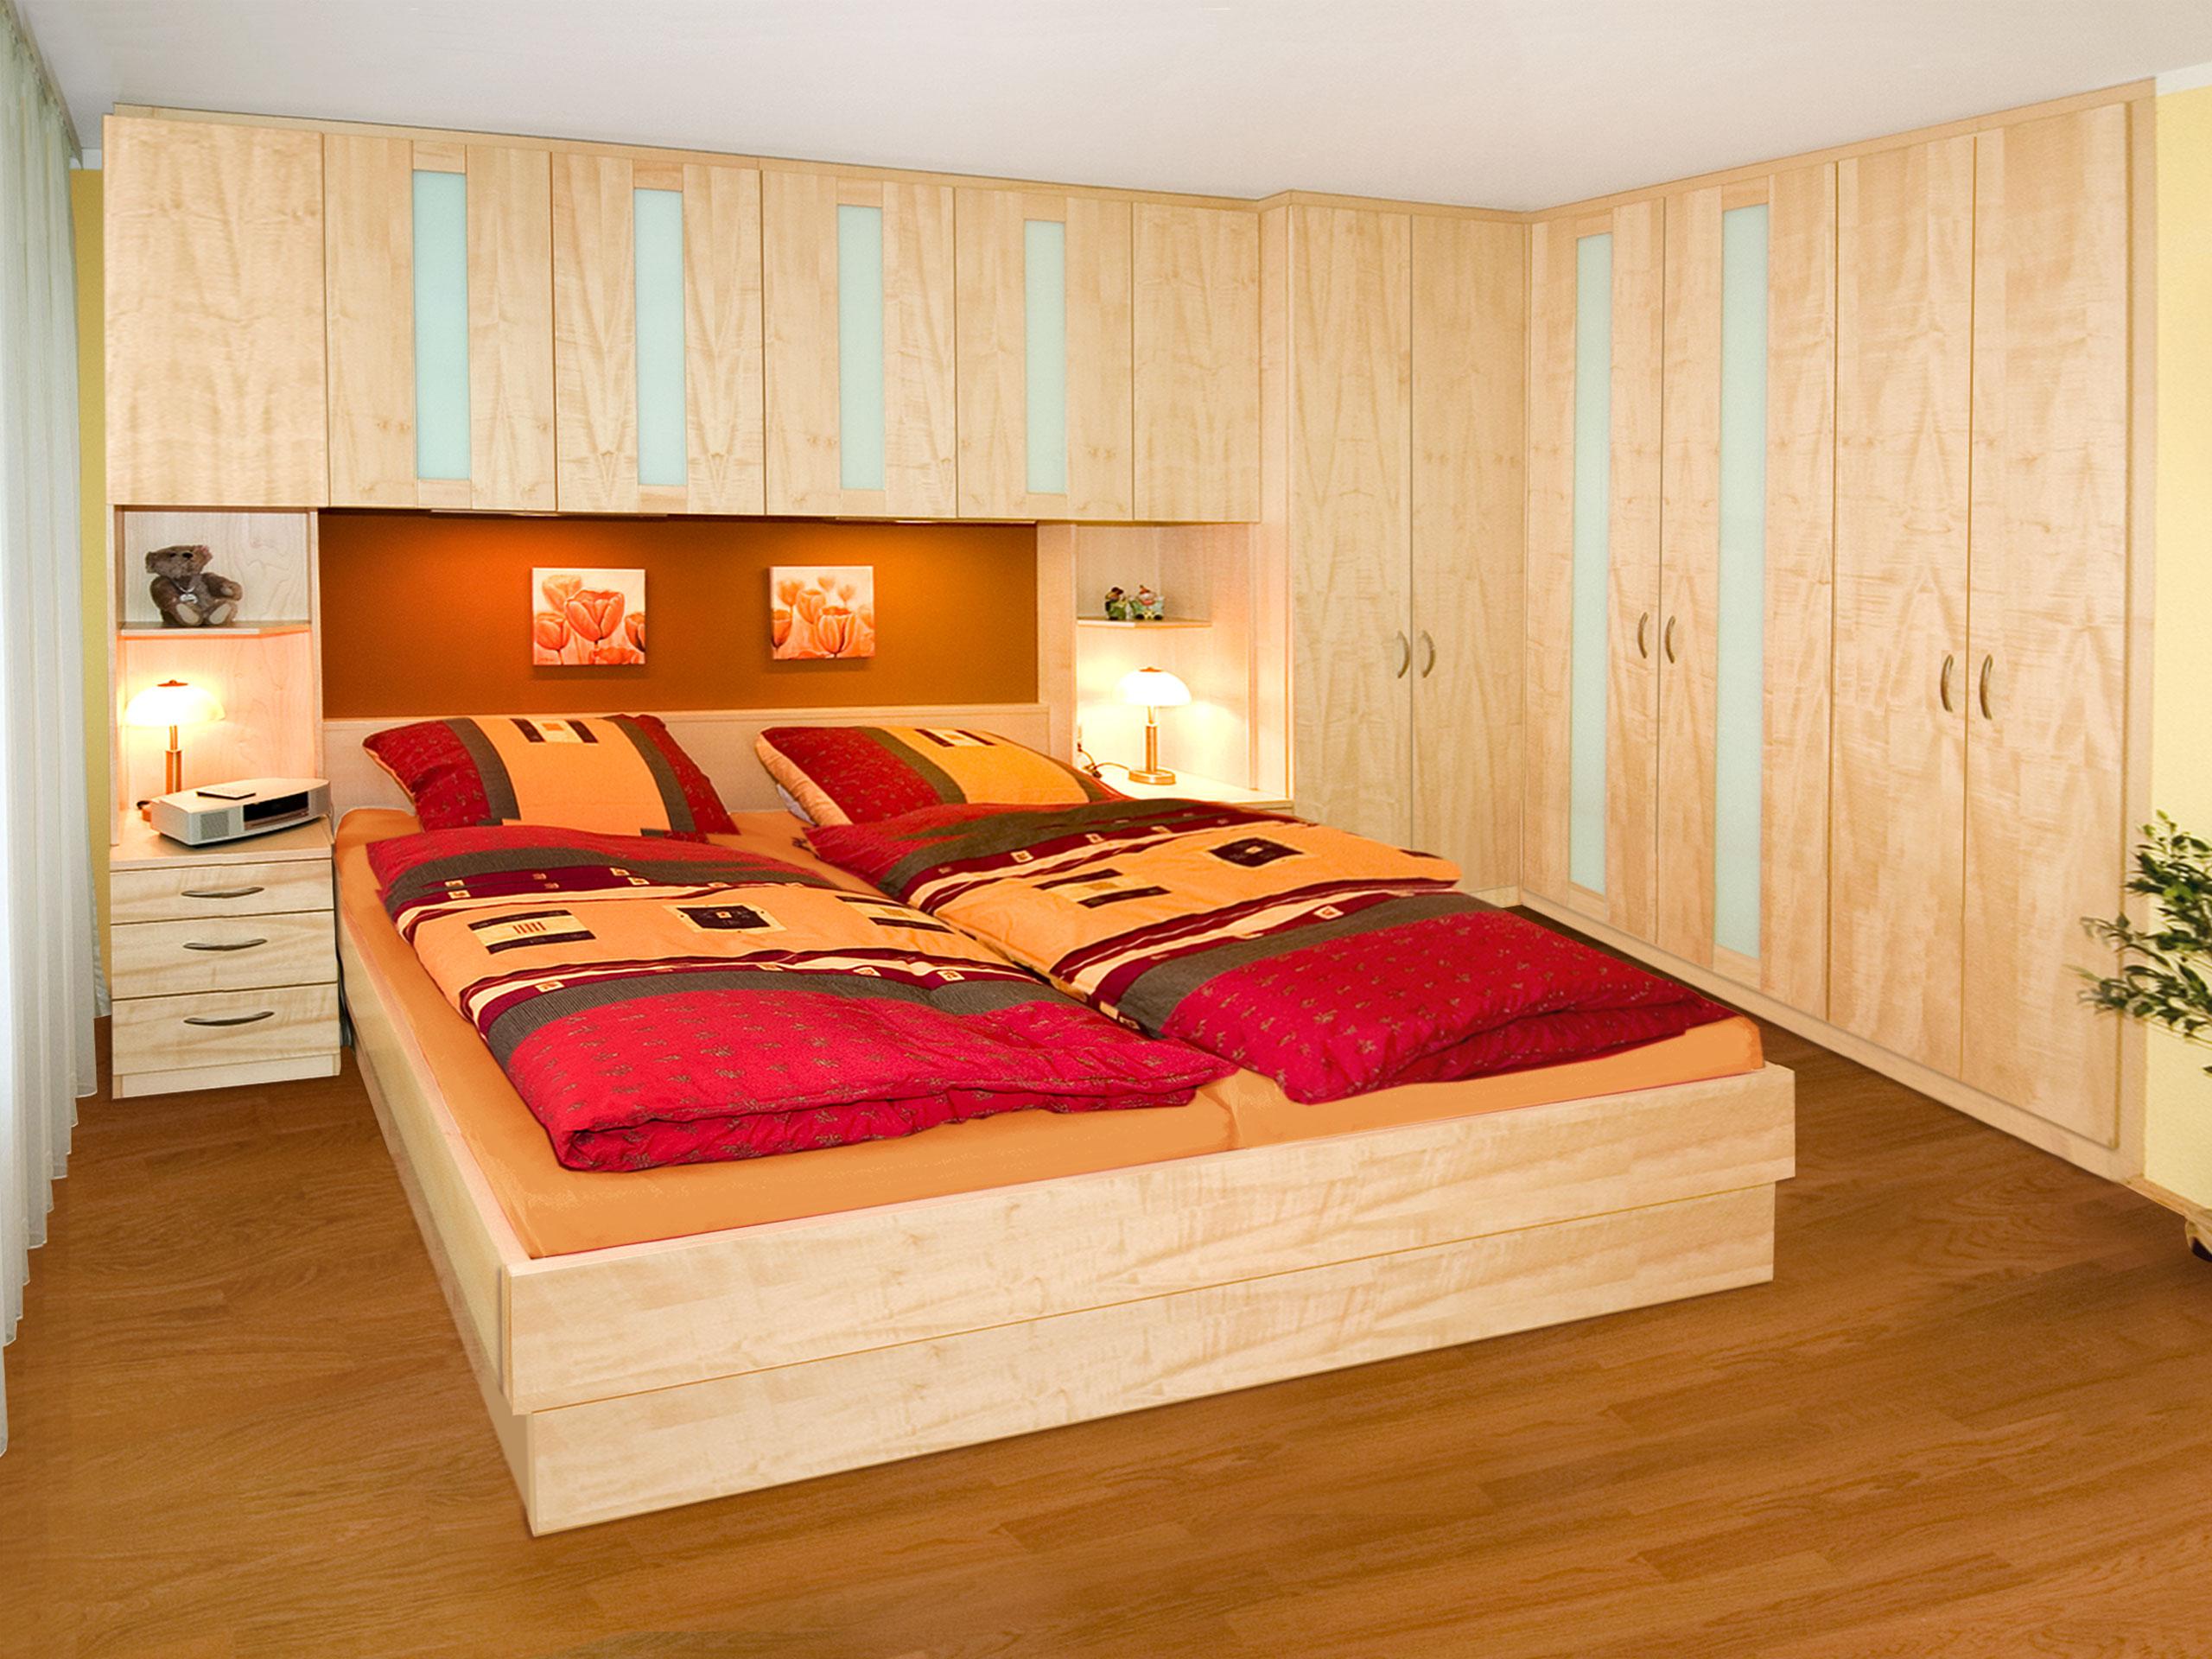 Full Size of überbau Schlafzimmer Modern Massivholz Gardinen Für Modernes Sofa Rauch Teppich Landhaus Esstisch Klimagerät Moderne Landhausküche Led Deckenleuchte Wohnzimmer überbau Schlafzimmer Modern